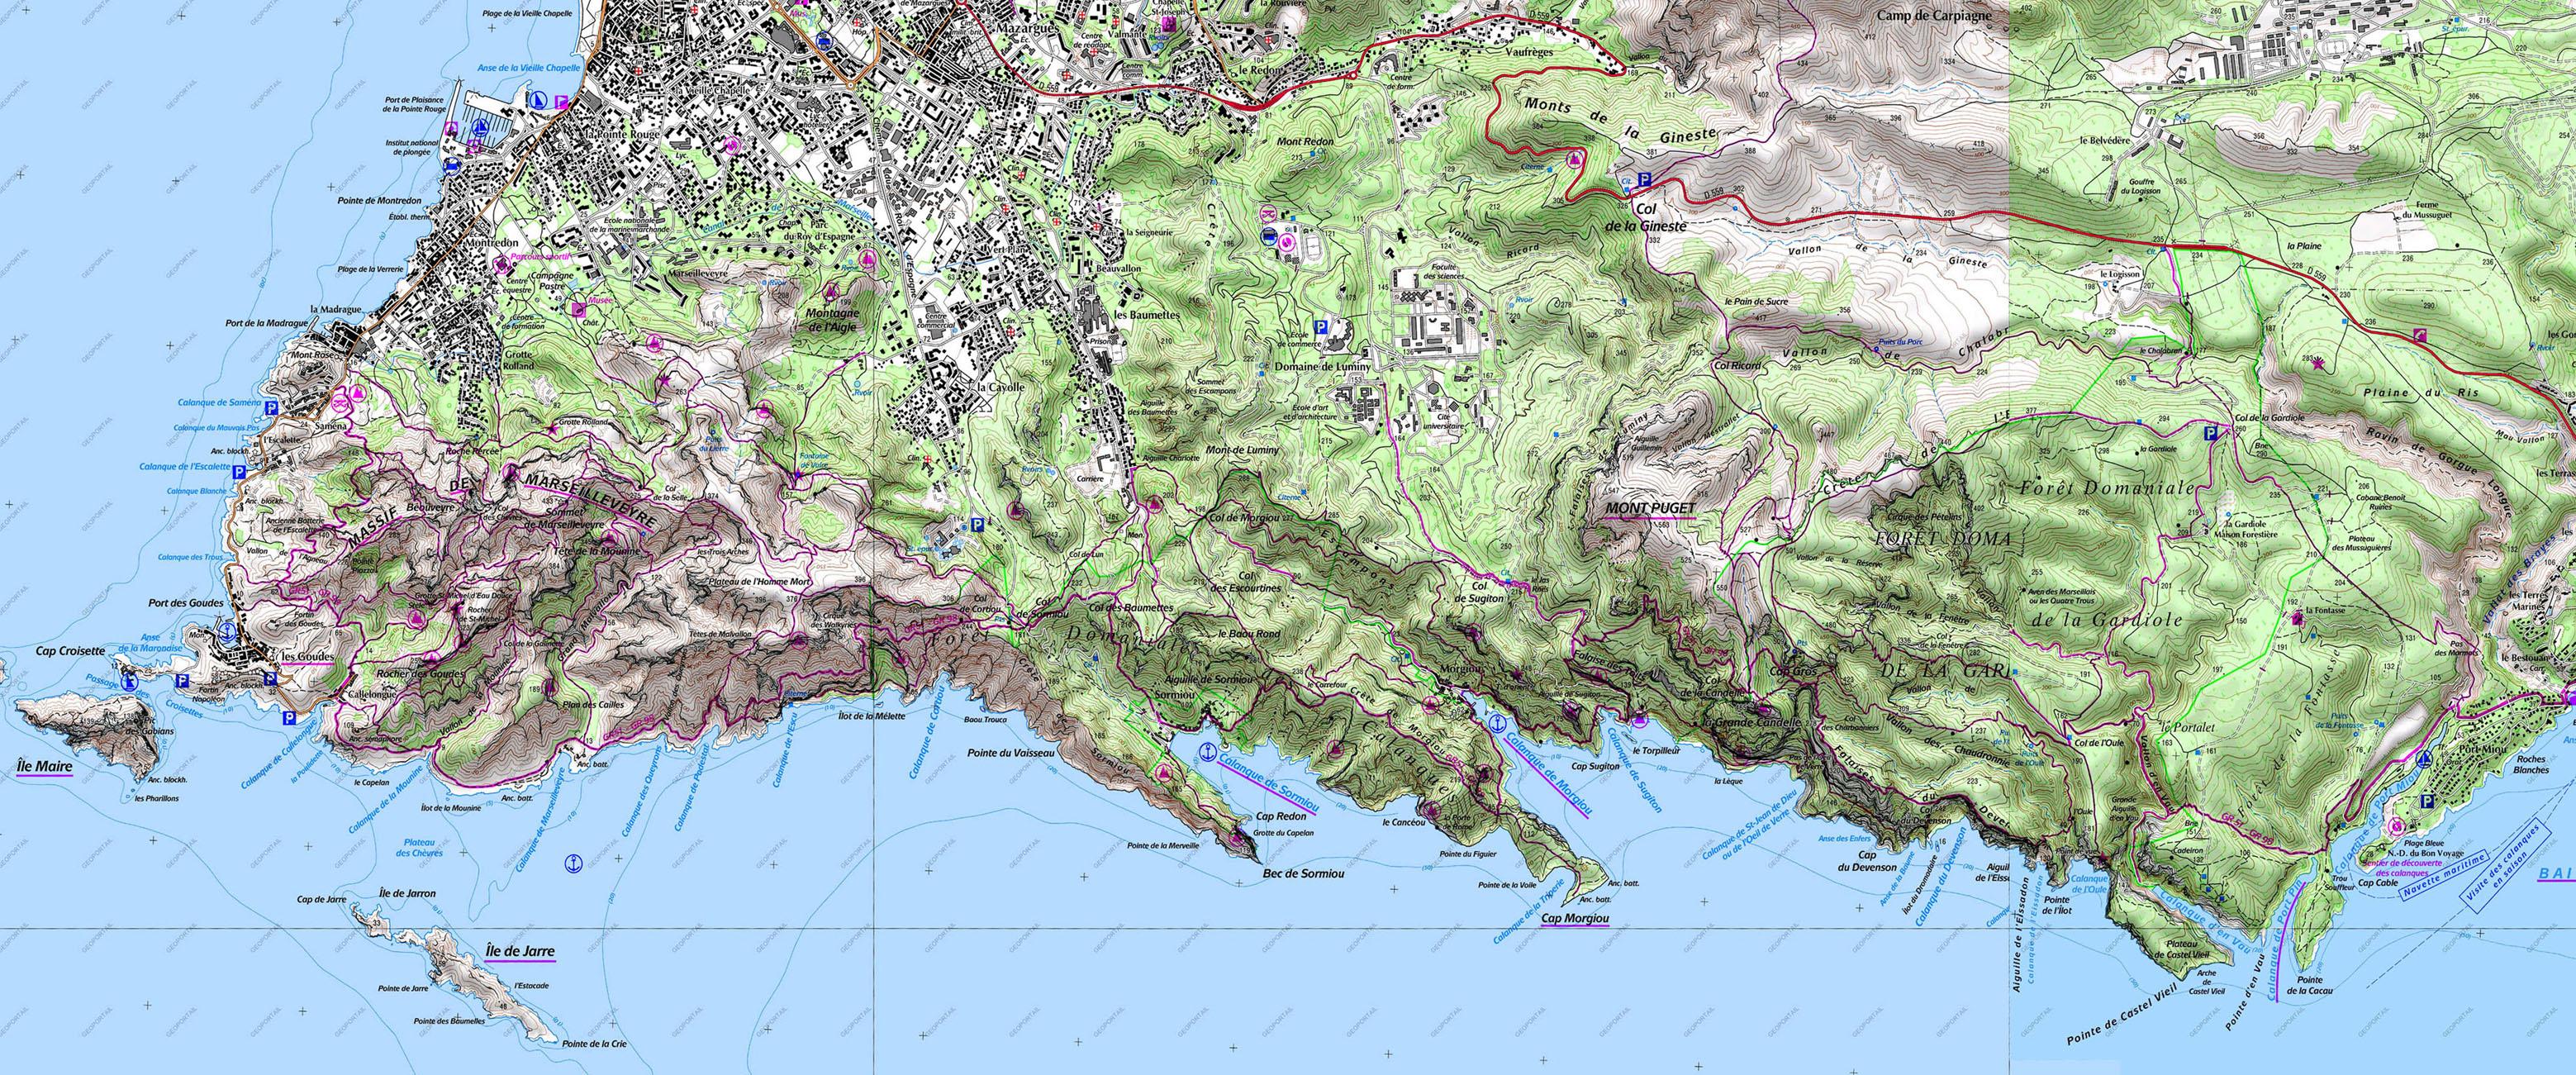 les Calanques Marseille sailmediterraneecomsailmediterraneecom